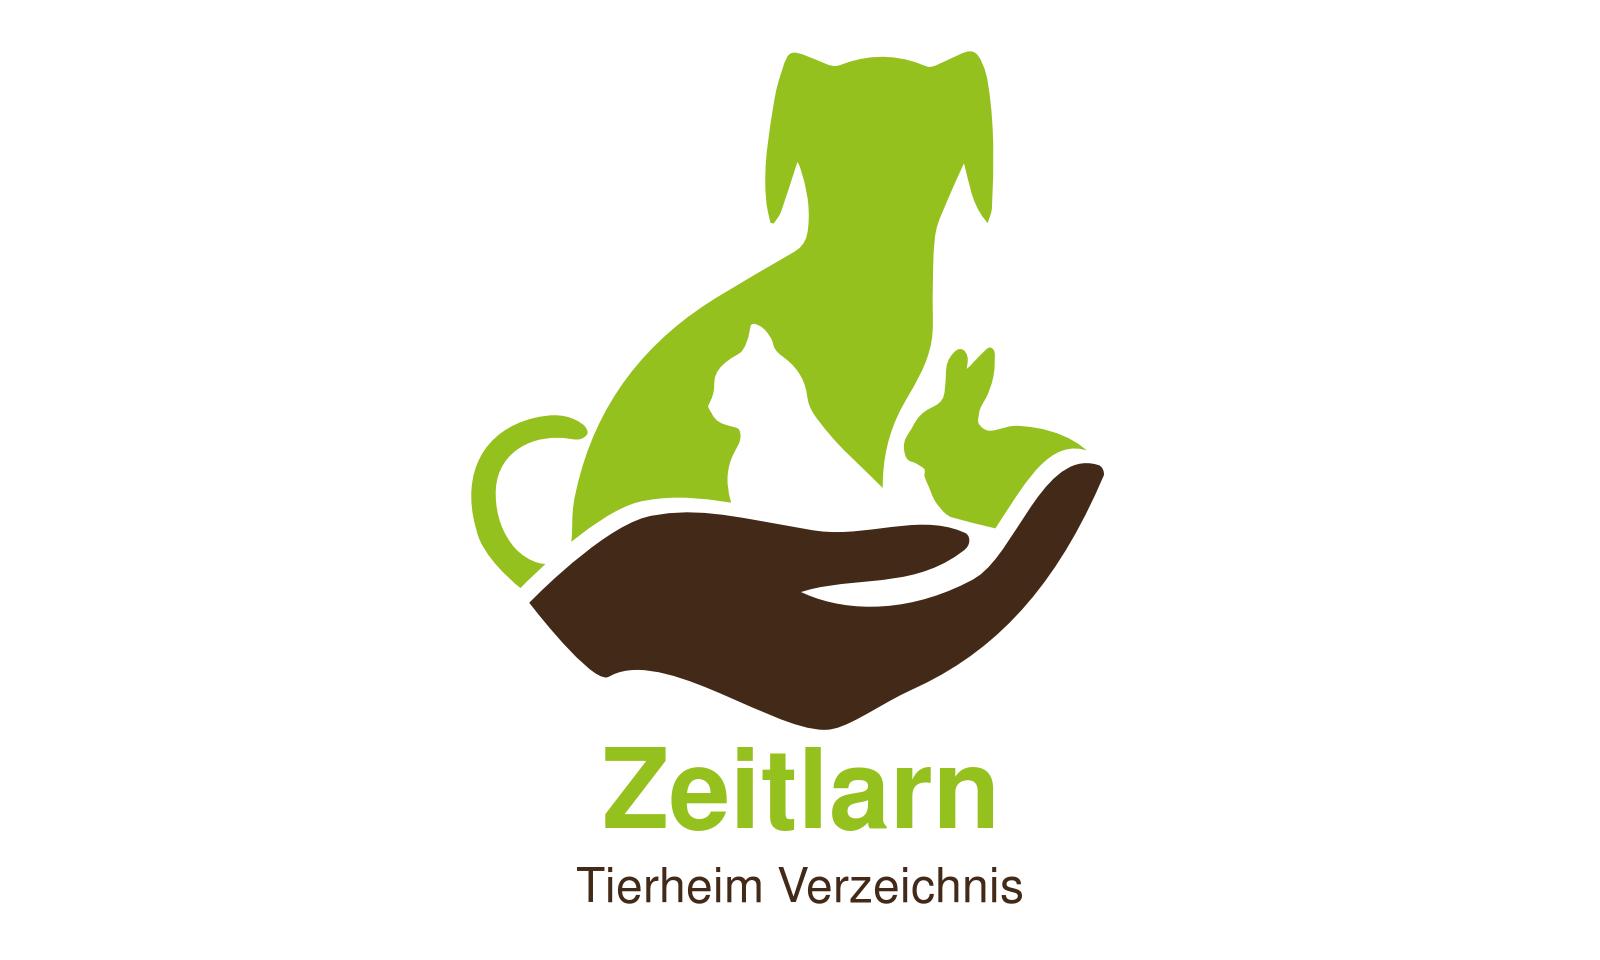 Tierheim Zeitlarn